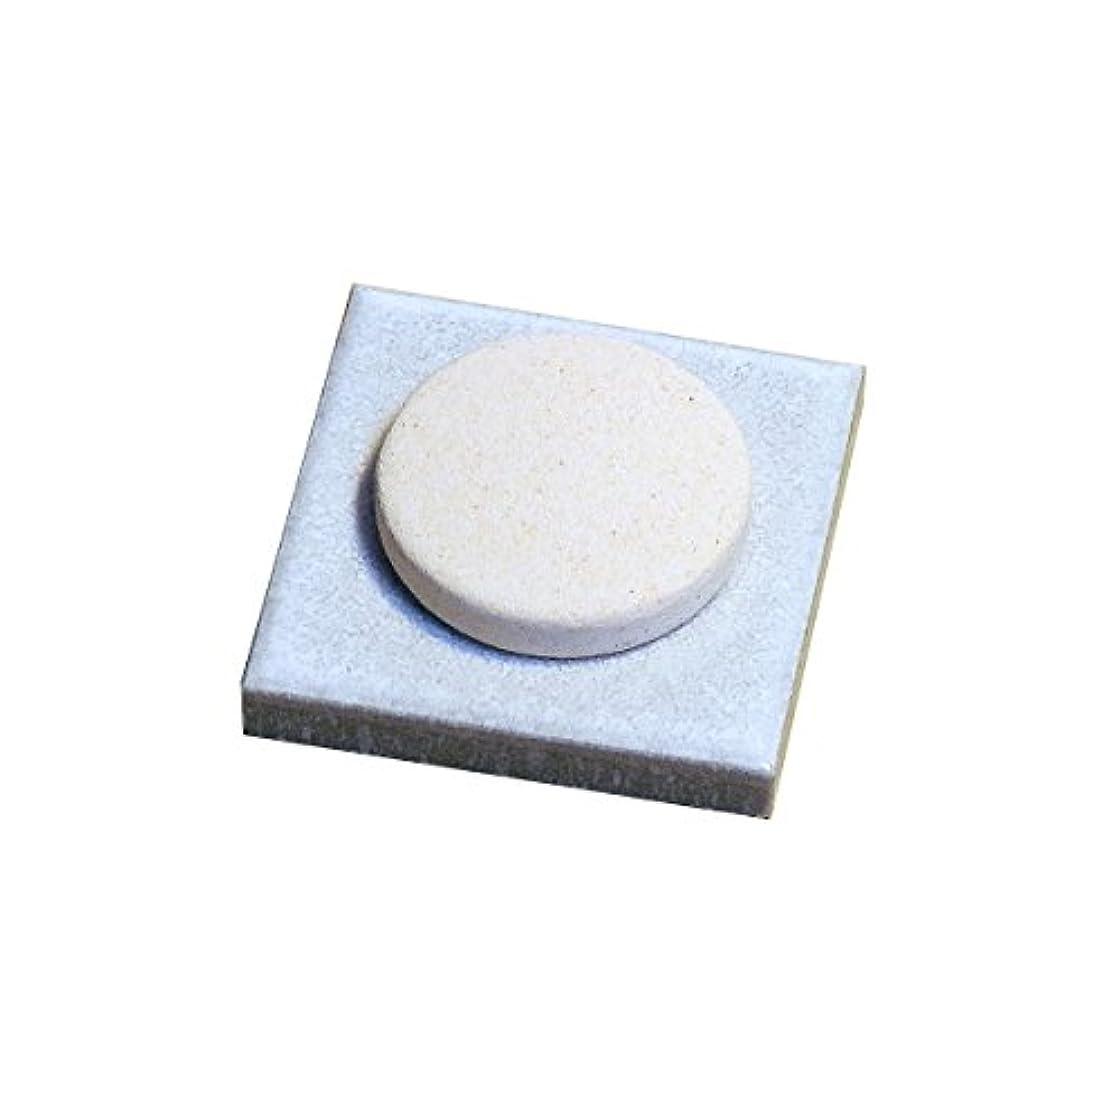 硬さ舌な狂った〔立風屋〕珪藻土アロマプレート美濃焼タイルセット ホワイト(白) RPAP-01003-WT